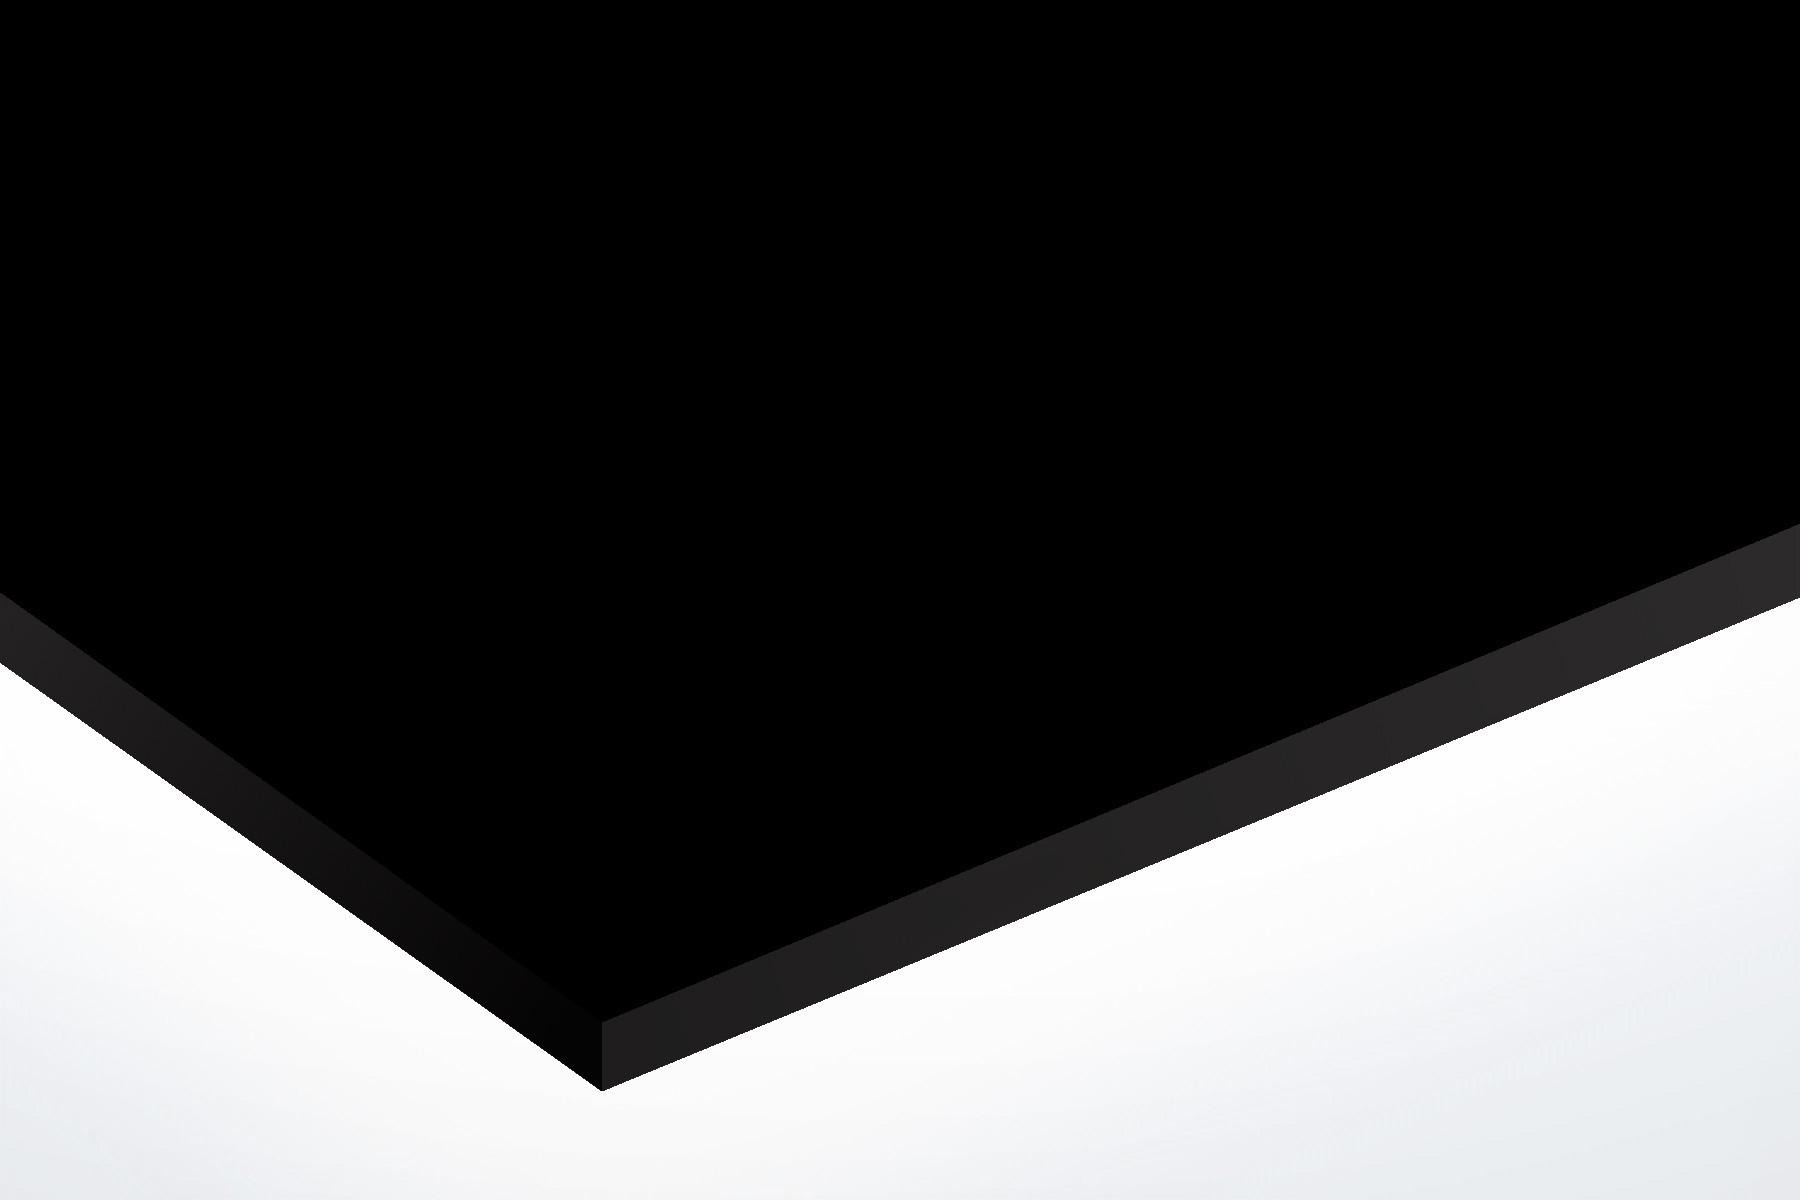 301/10/2097 Alu mat Noir 1mm